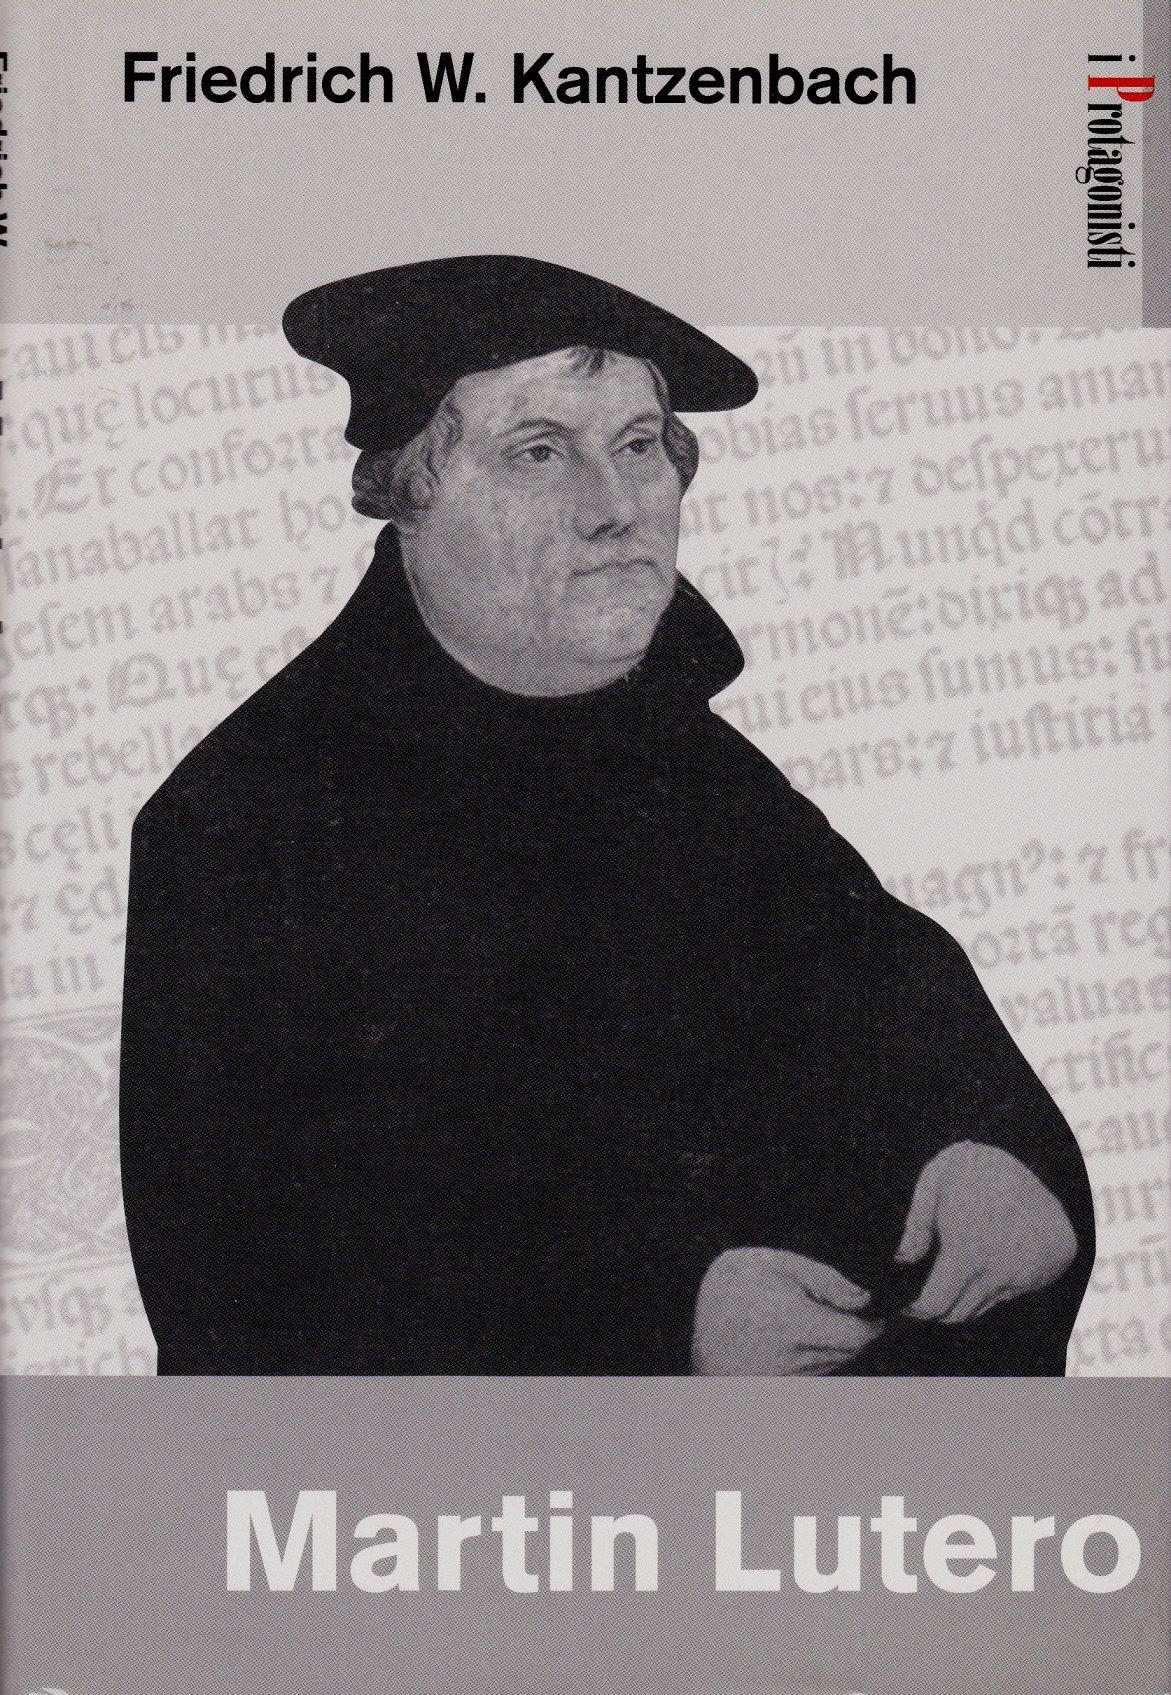 Risultati immagini per martin lutero kantzenbach